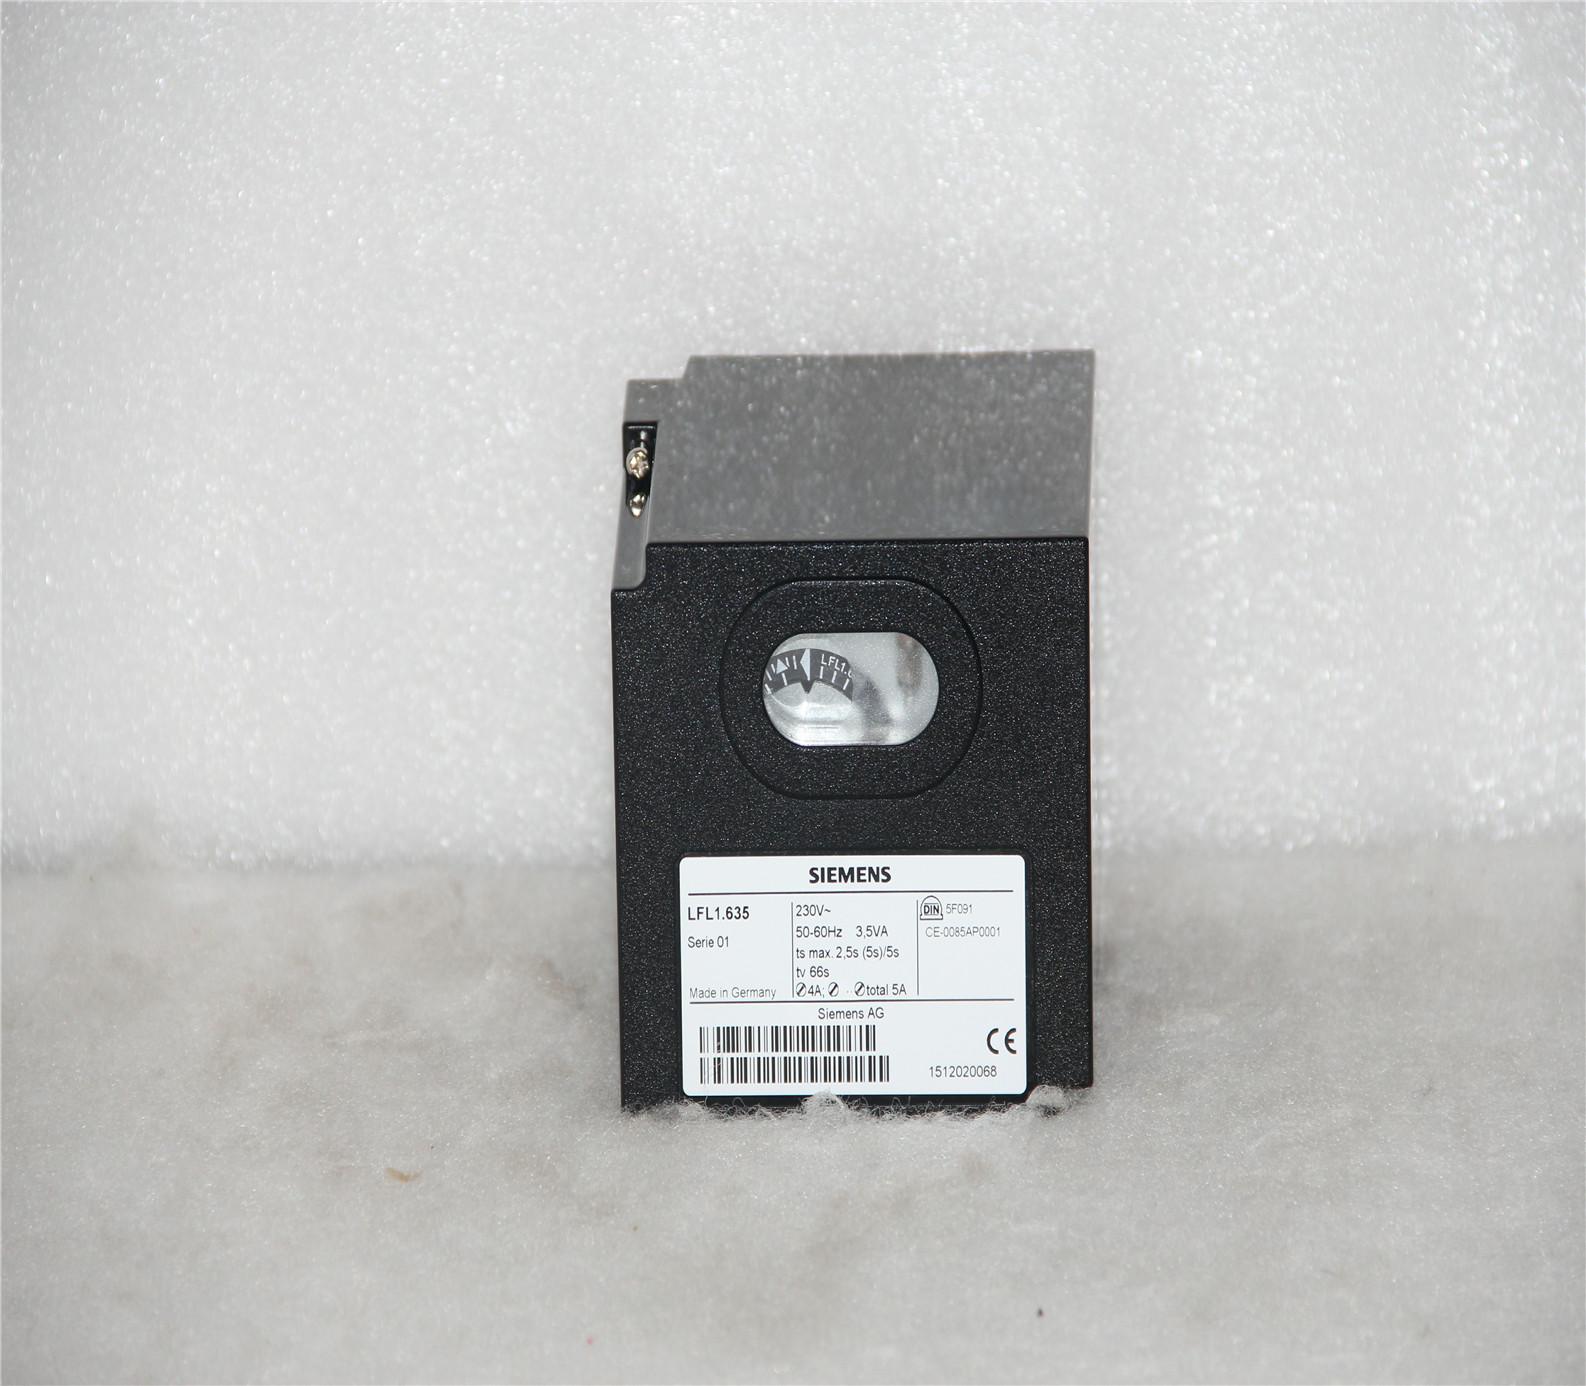 6ES7972-0BB60-0XA0